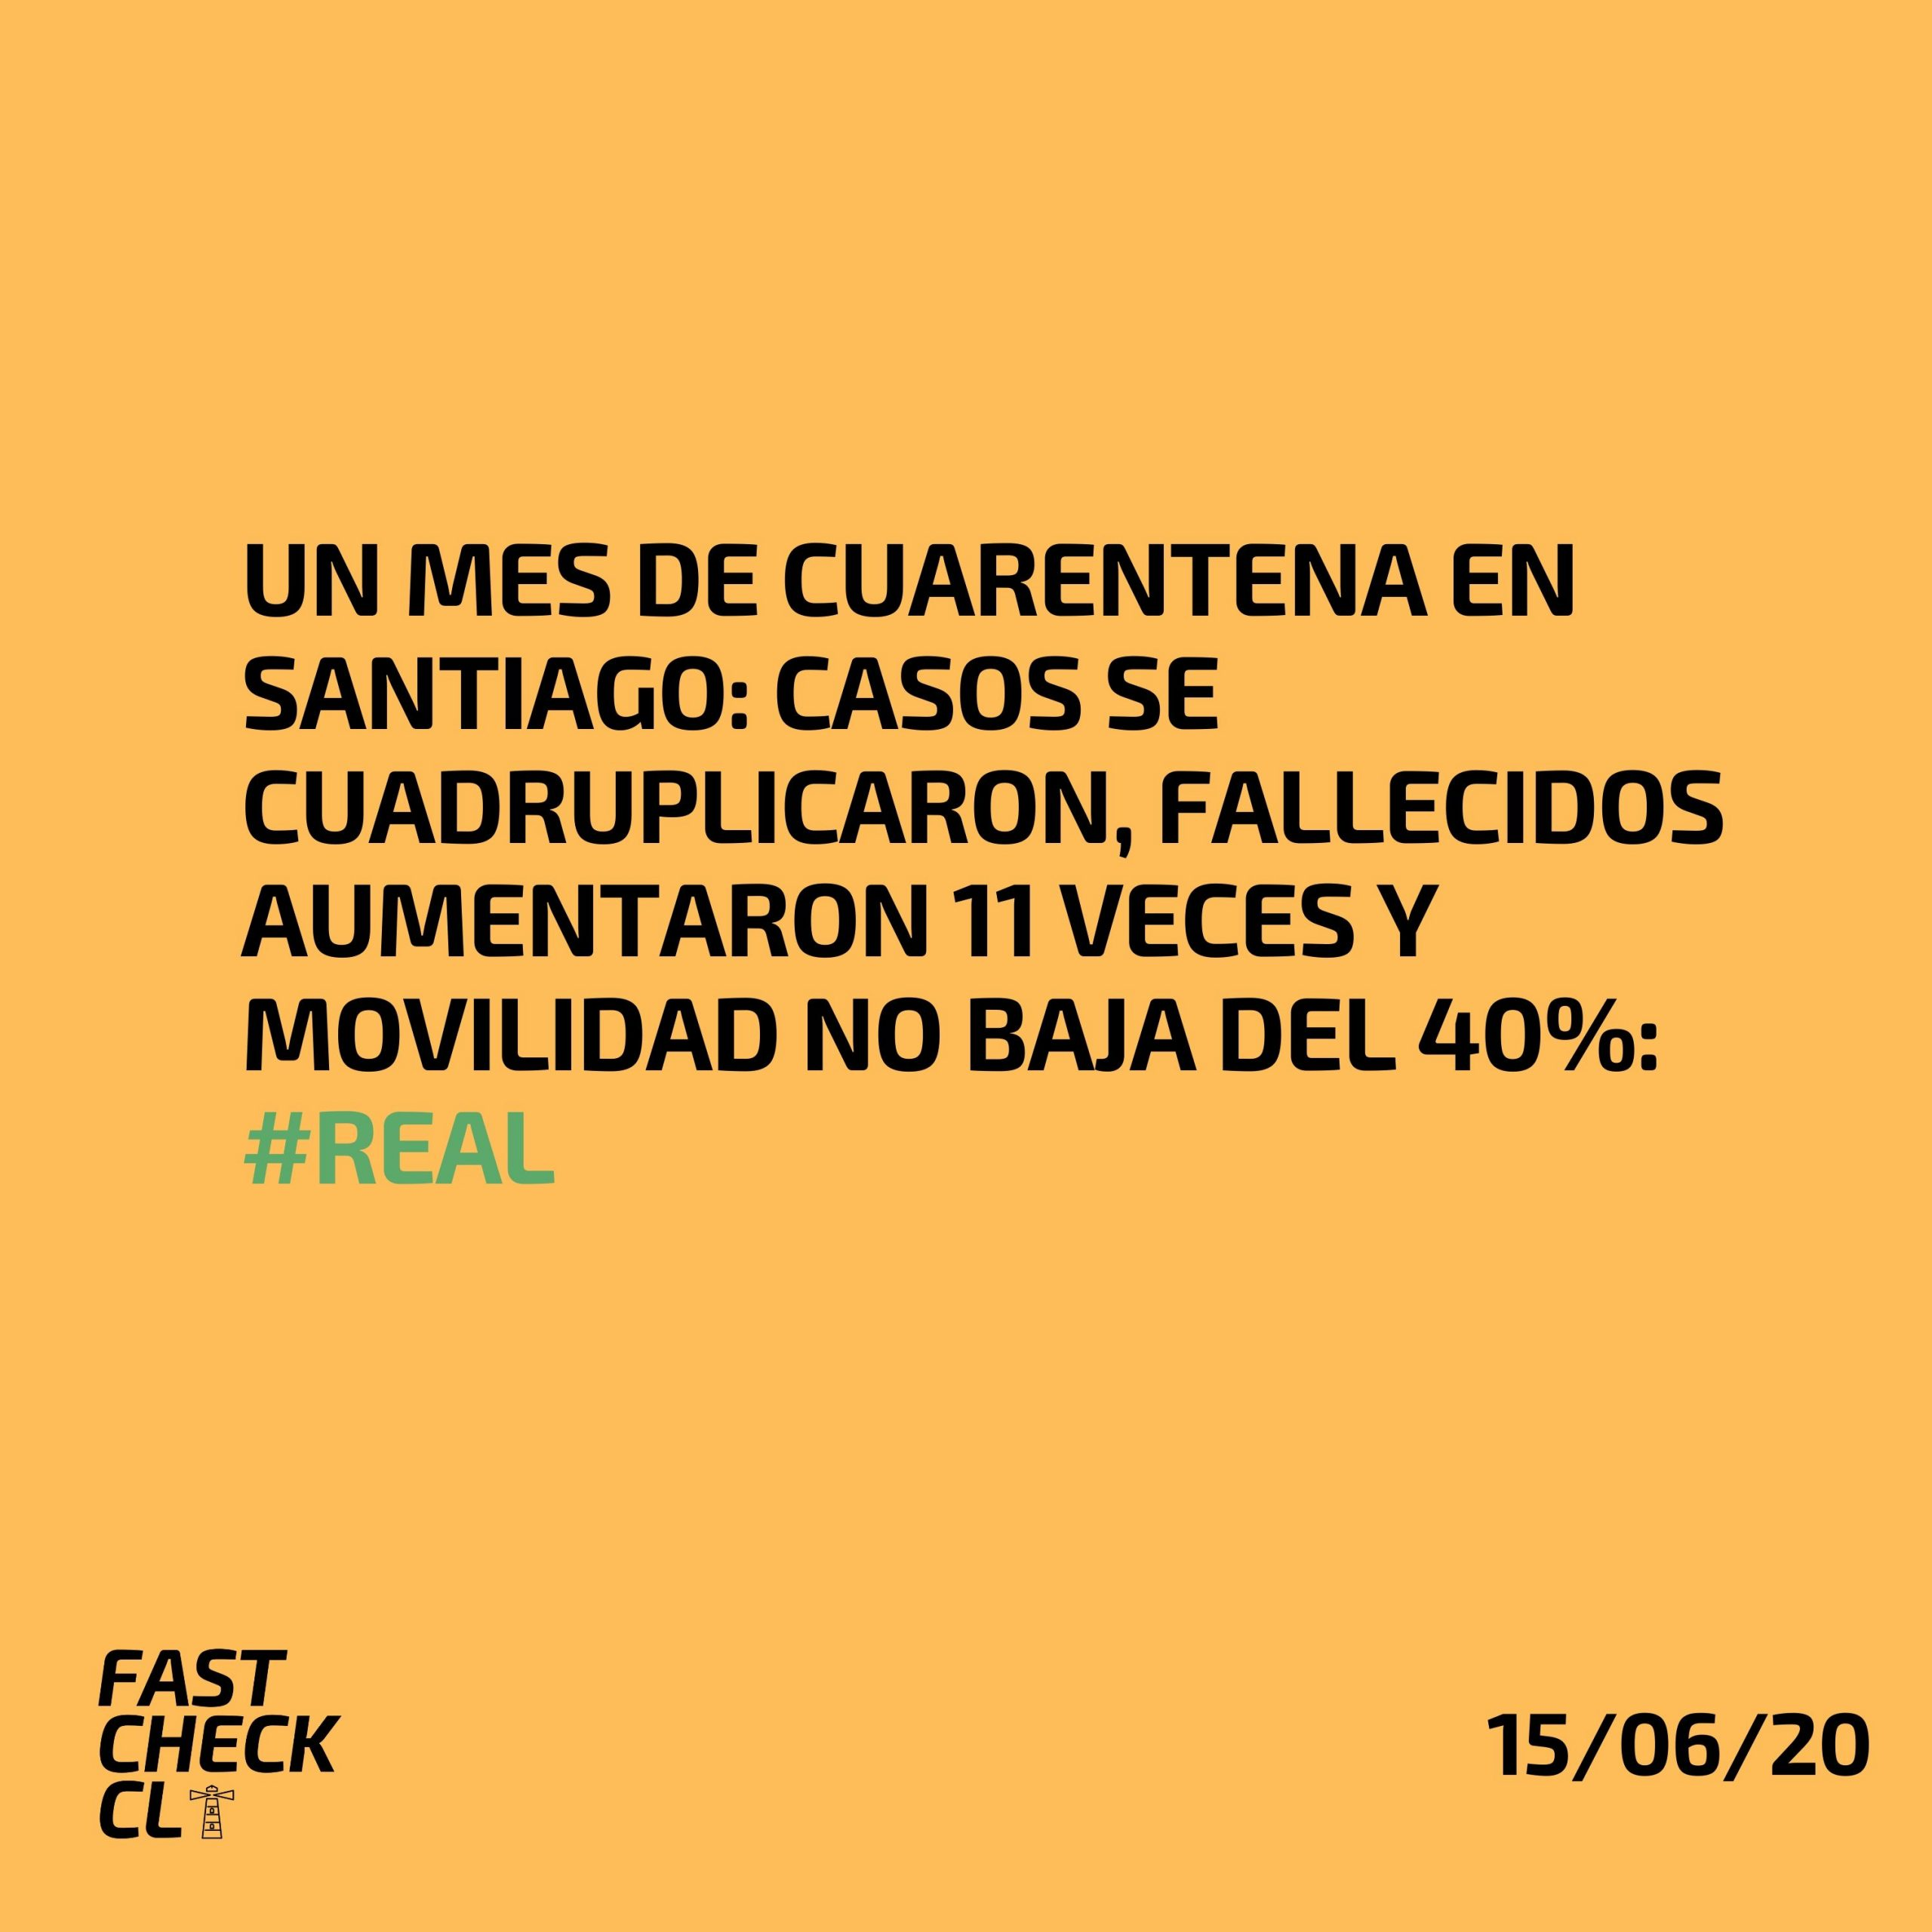 Un mes de cuarentena en Santiago: casos se cuadruplicaron, fallecidos aumentaron 11 veces y movilidad no baja del 40%: #Real